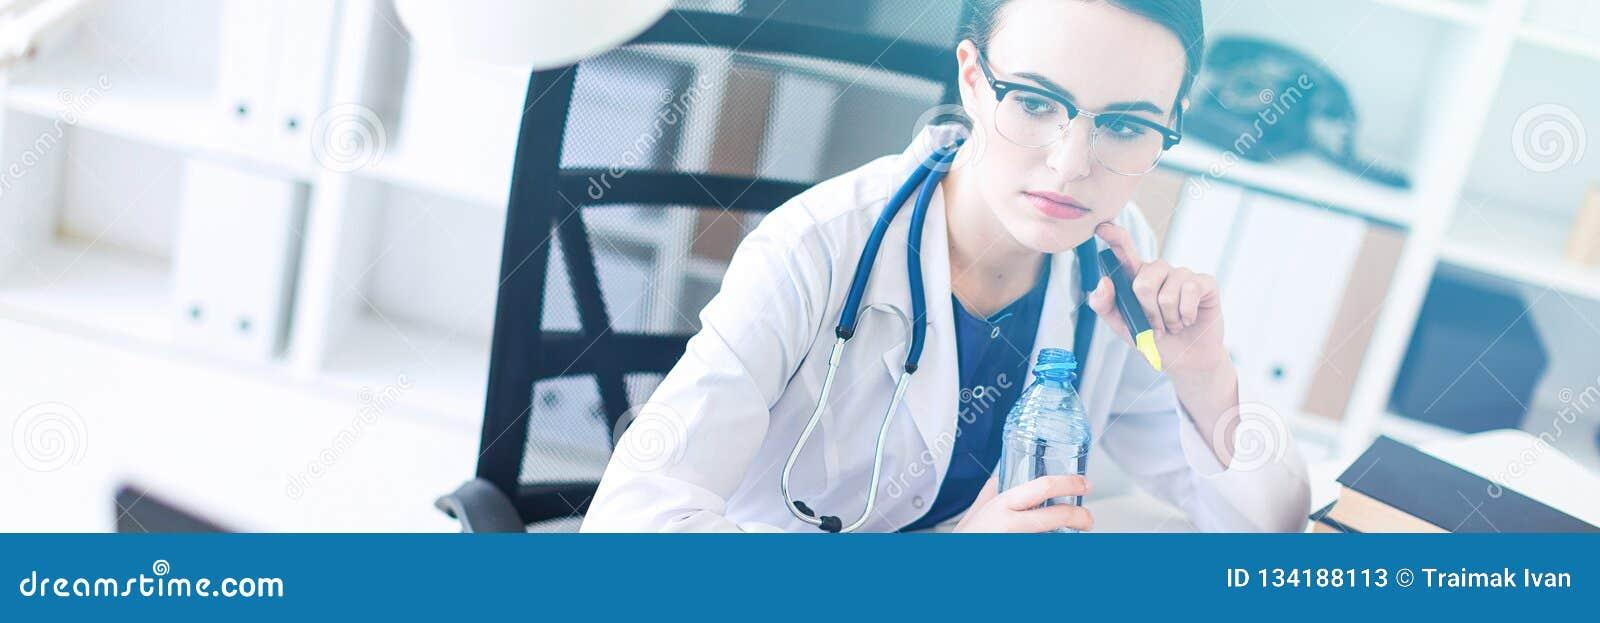 Een mooi jong meisje in een witte robe zit bij het computer bureau, het houden van een open fles water en het lopen